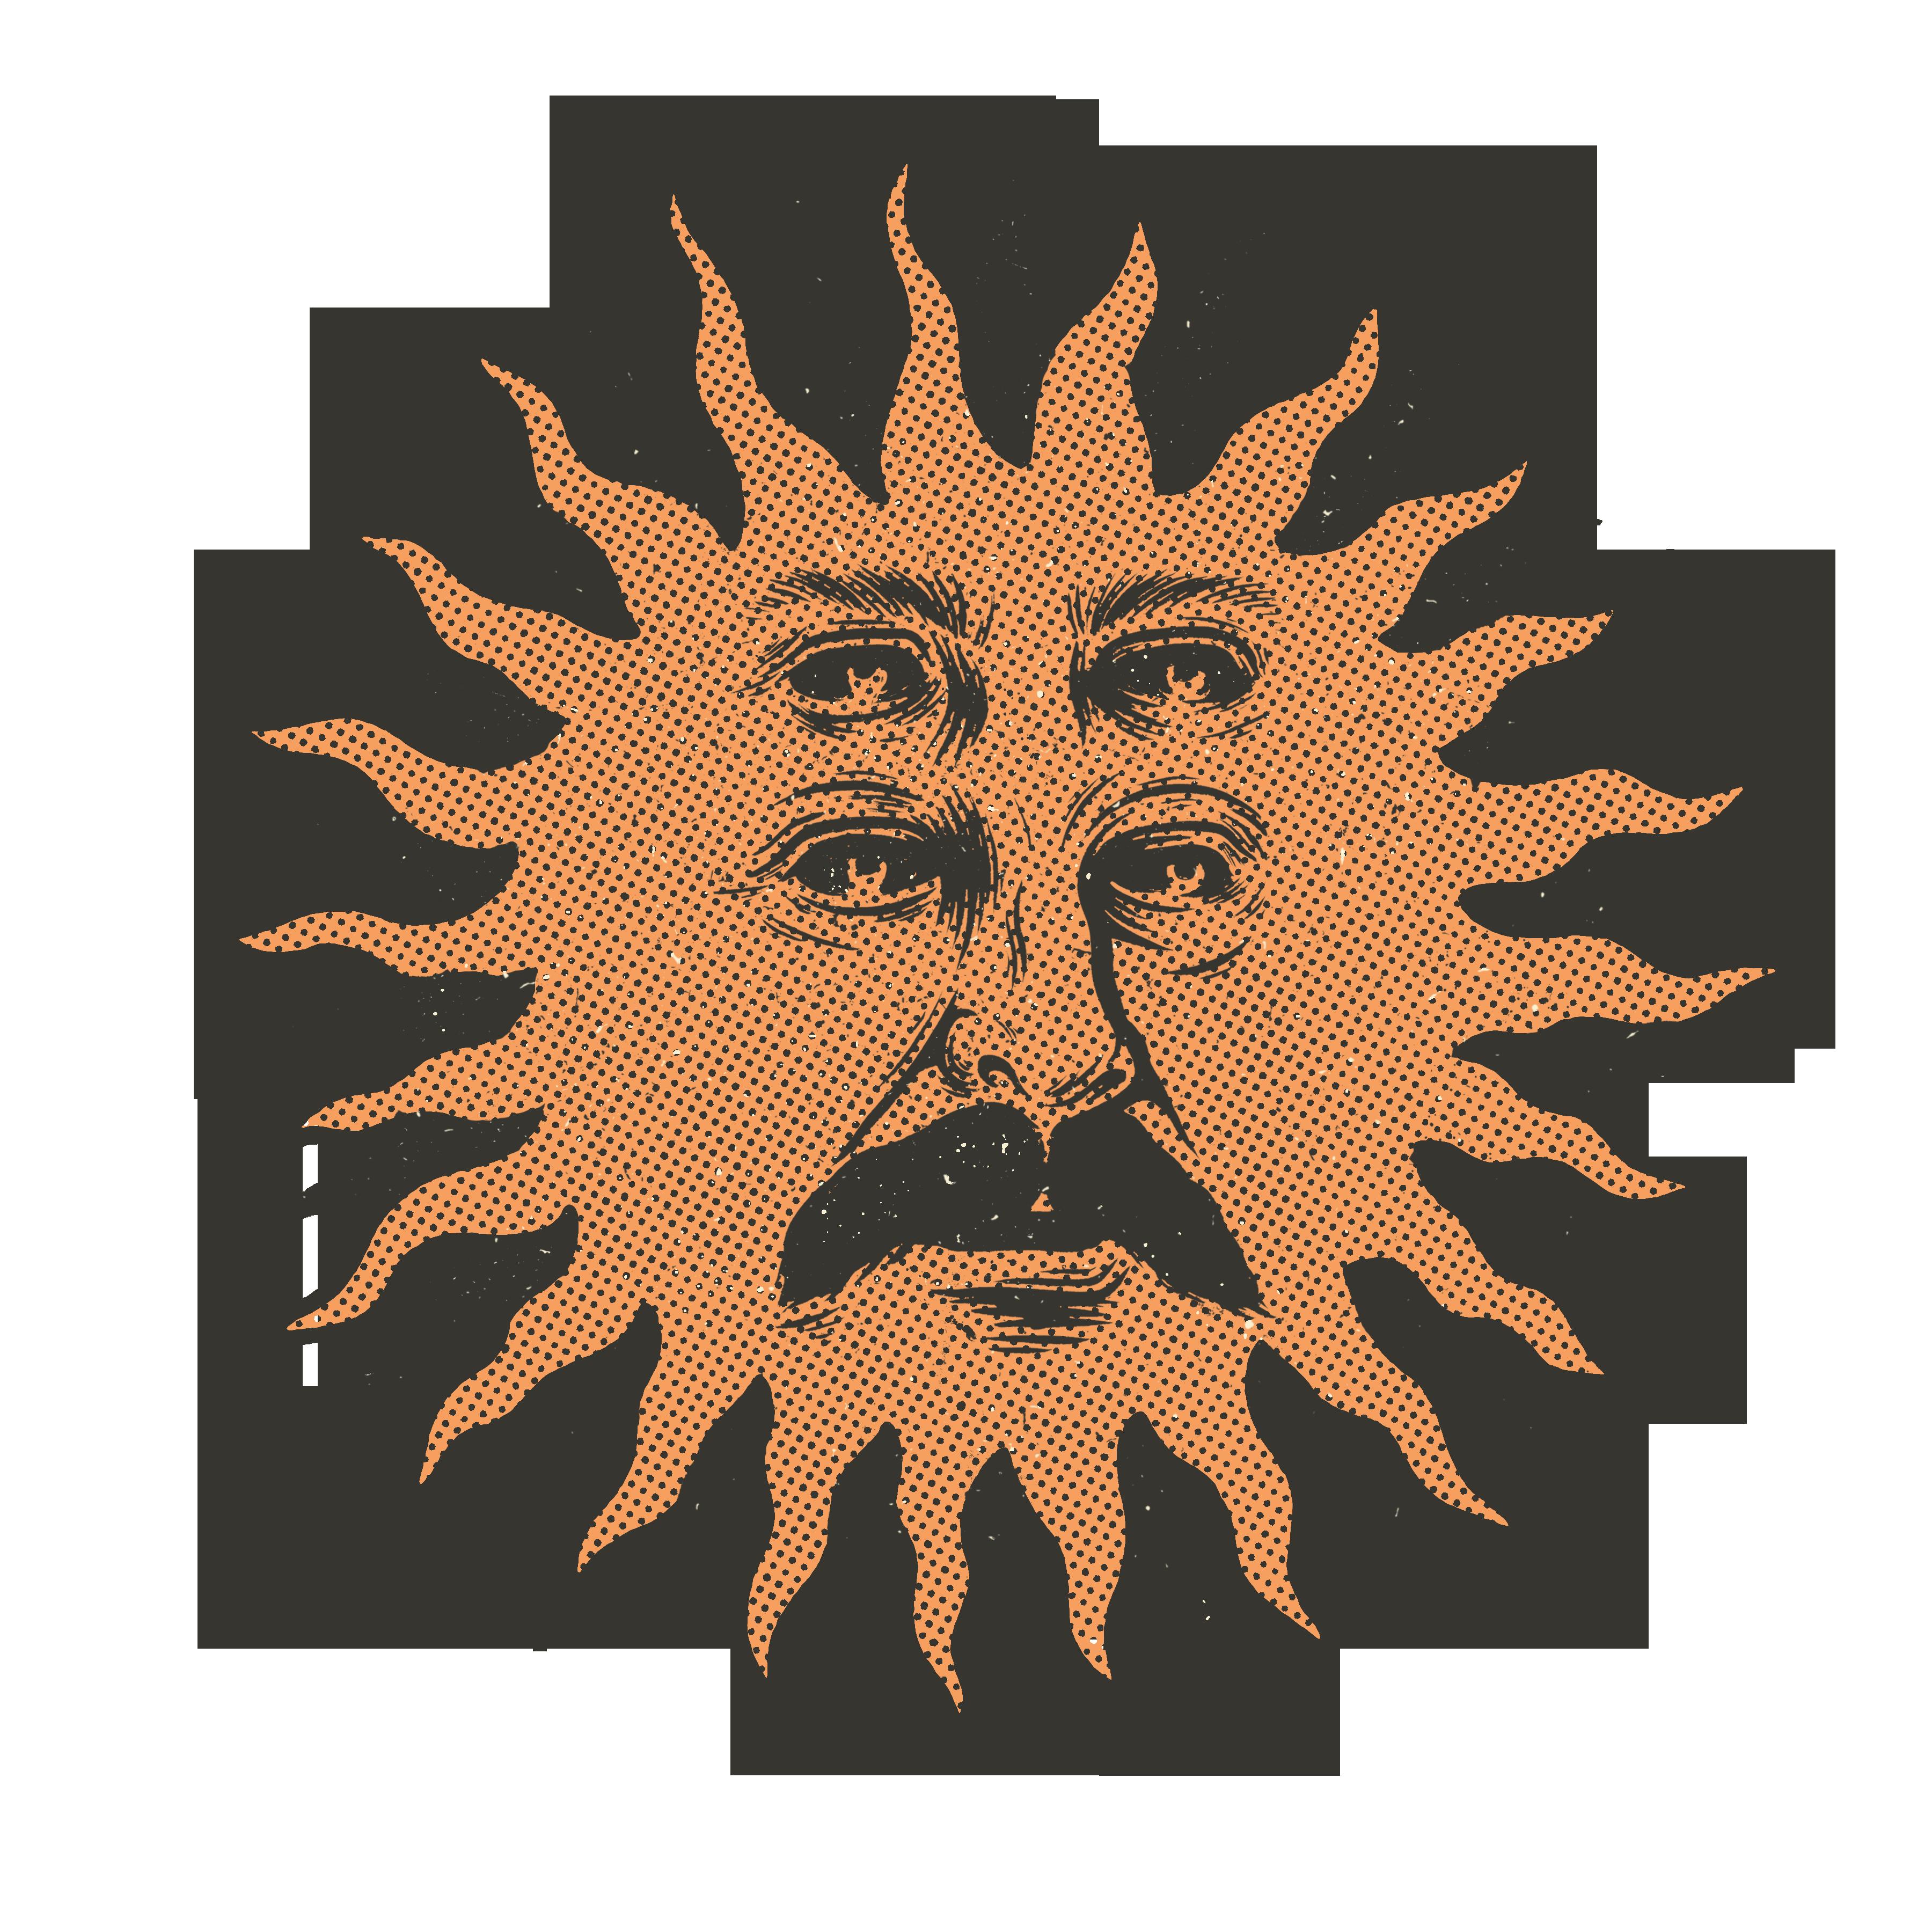 Sun face t shirtv2